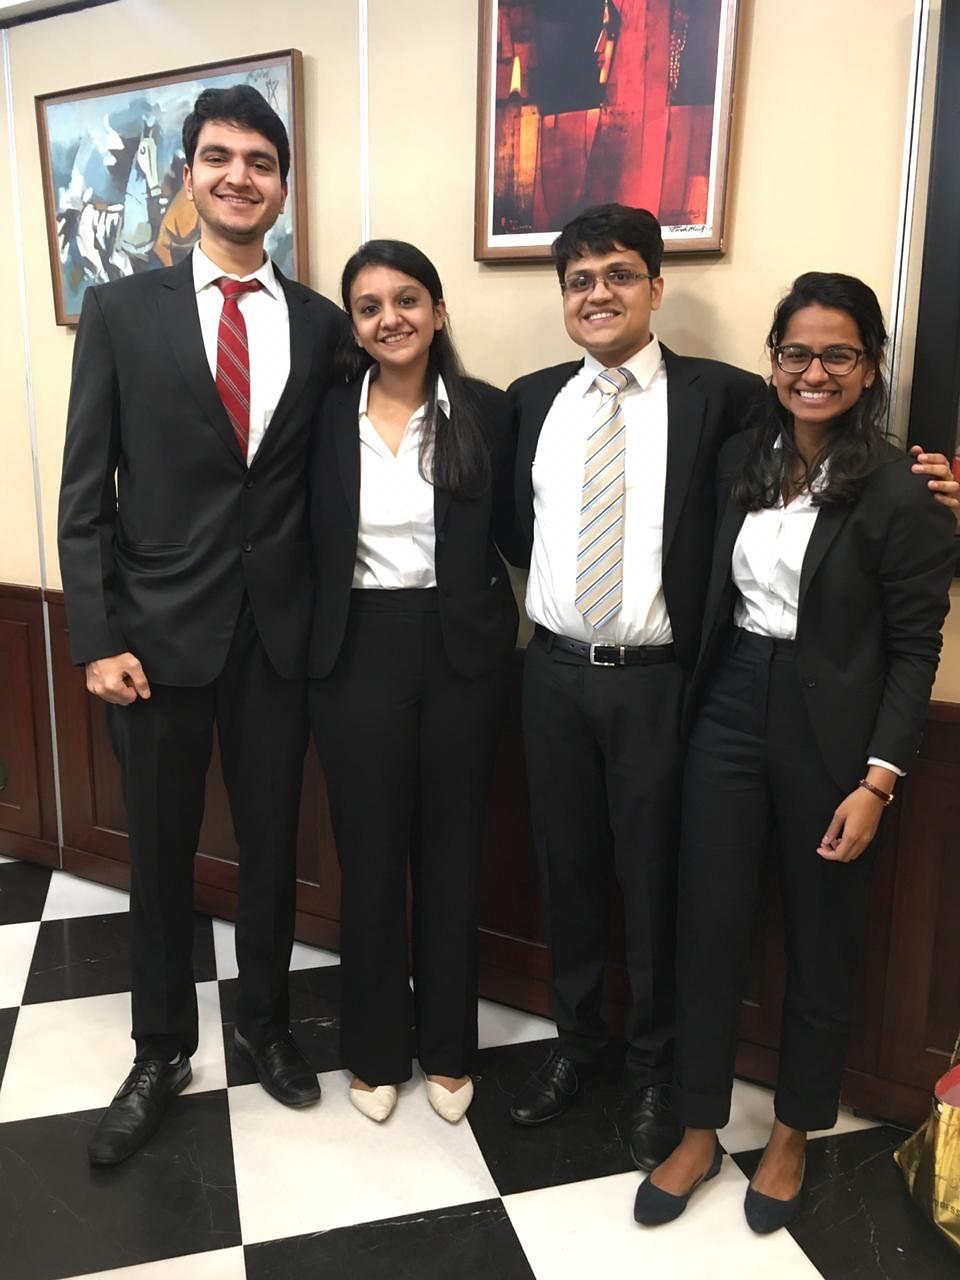 The team of Akilesh Menezes, Priyanshi Vakharia, Anjali Karunakaran & Yash Shiralkar